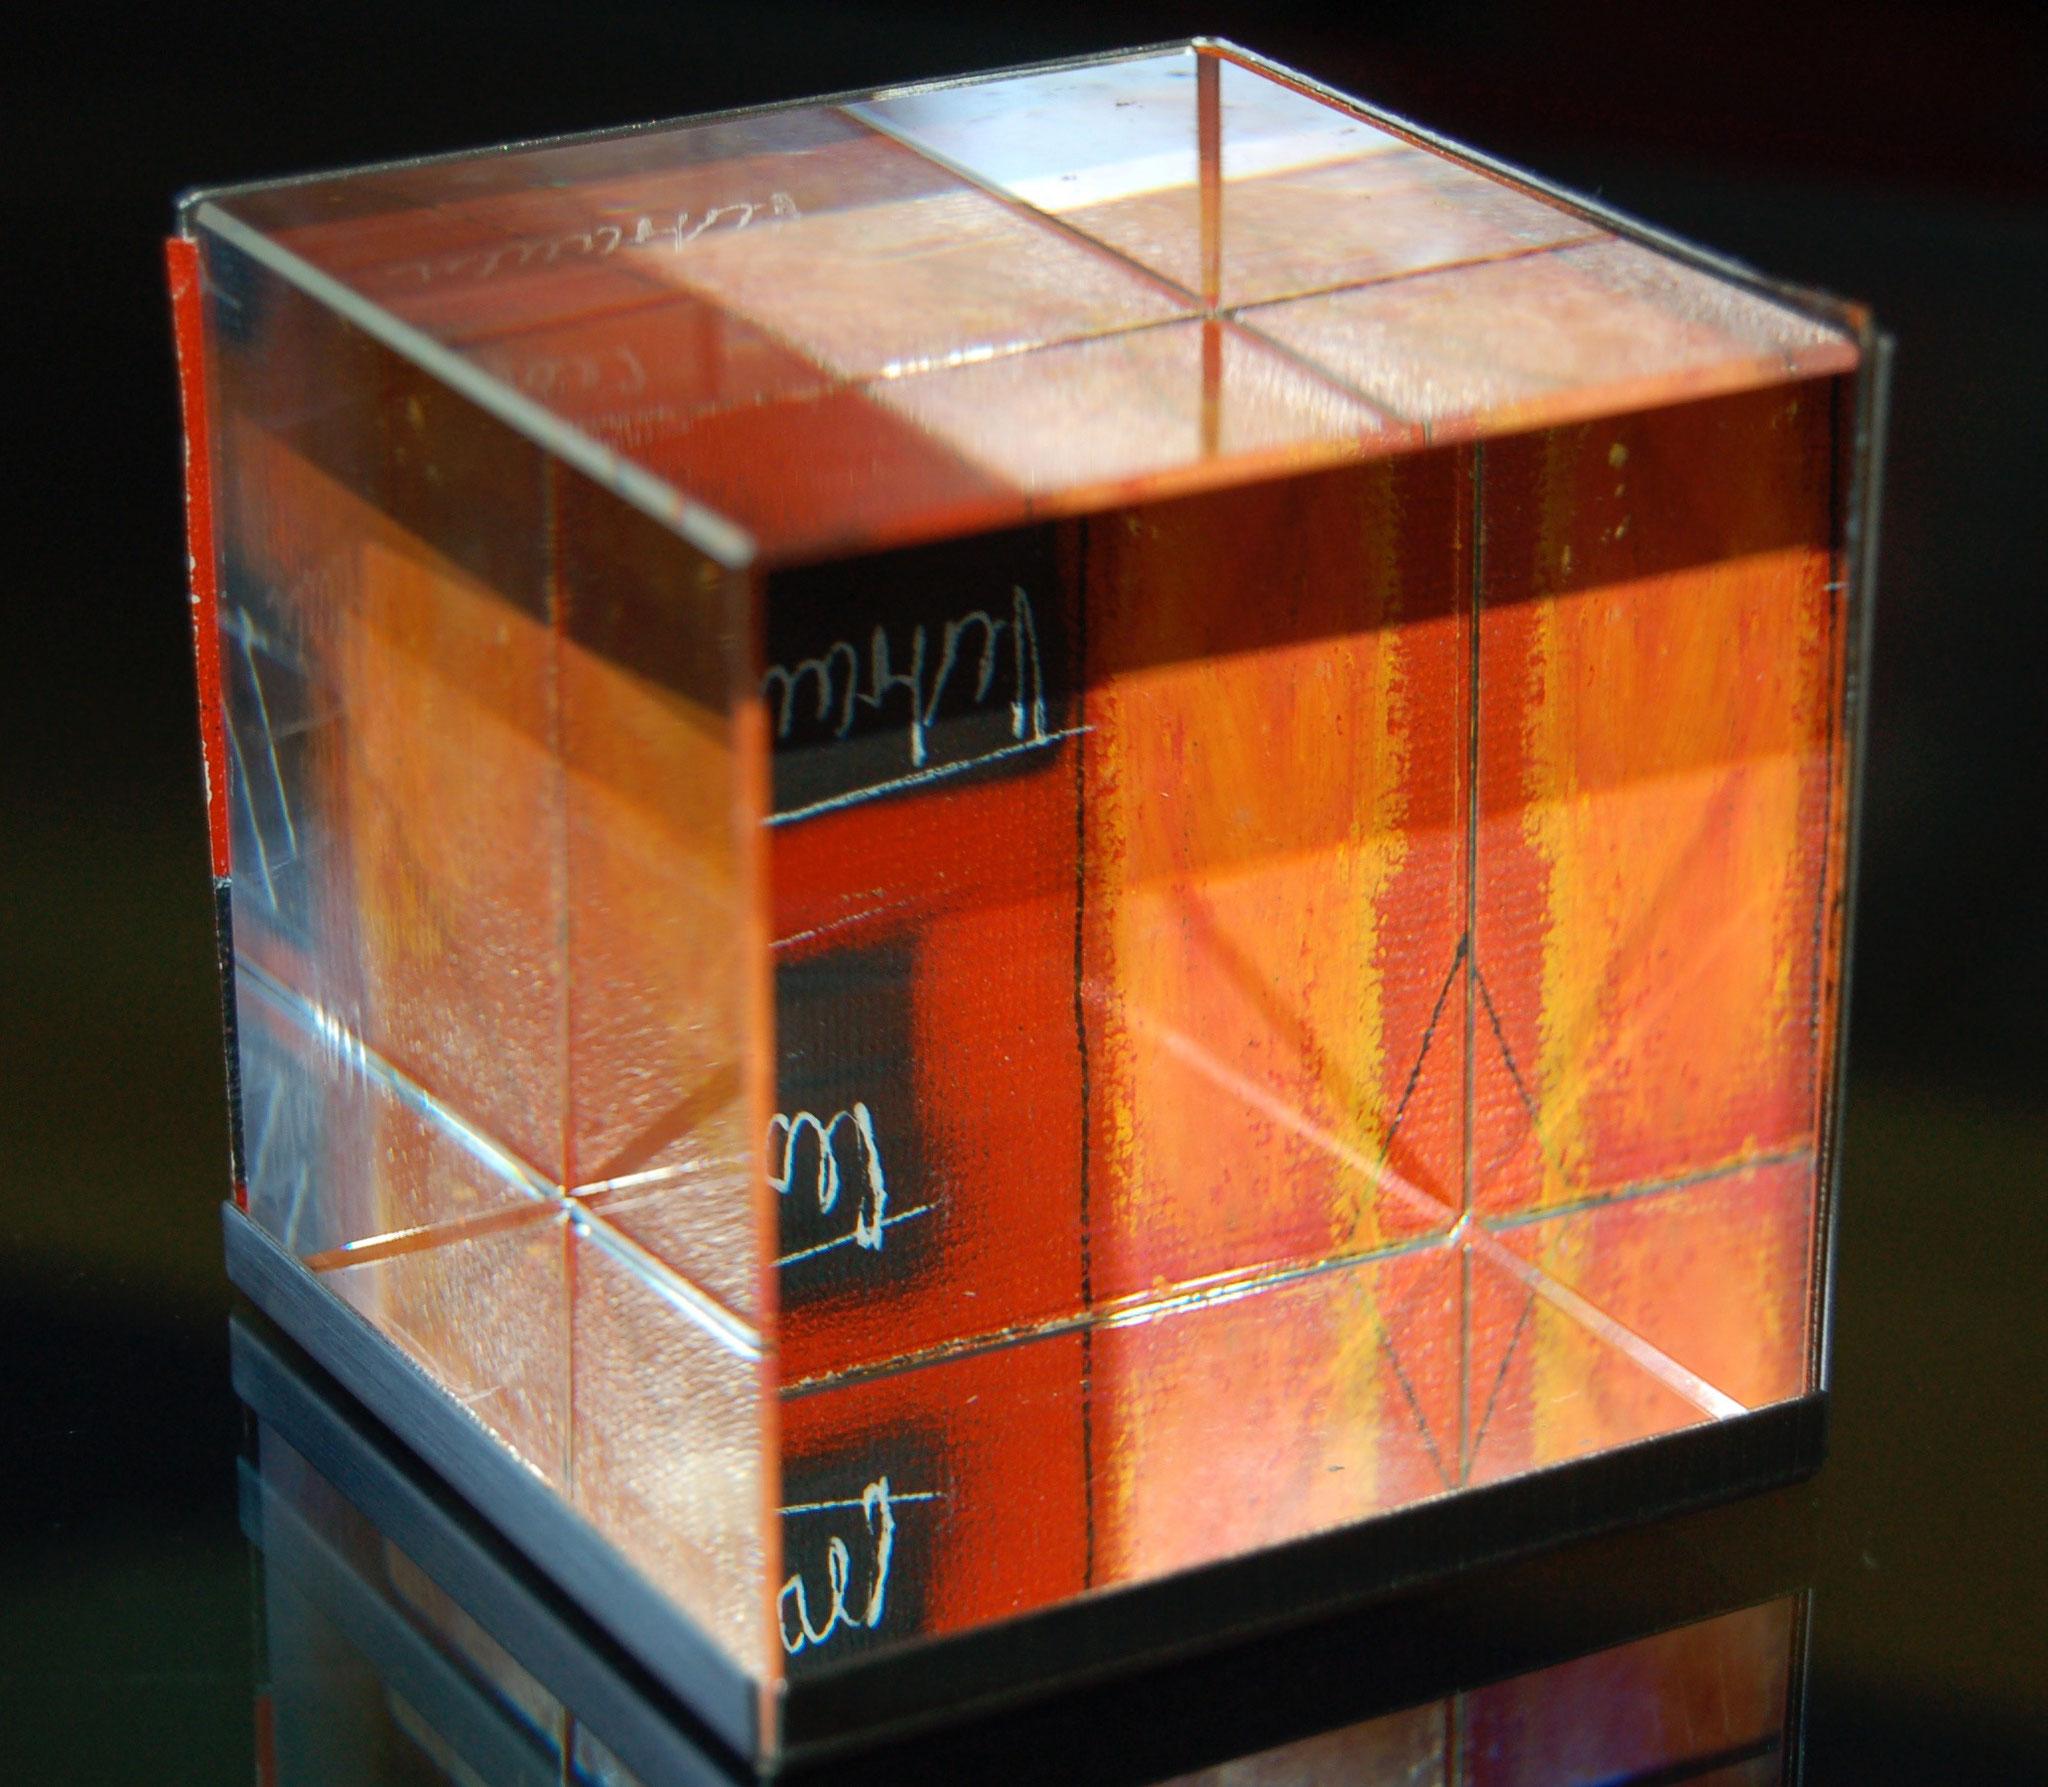 glauswürfel, acryl auf leinenpapier - 7 x 7